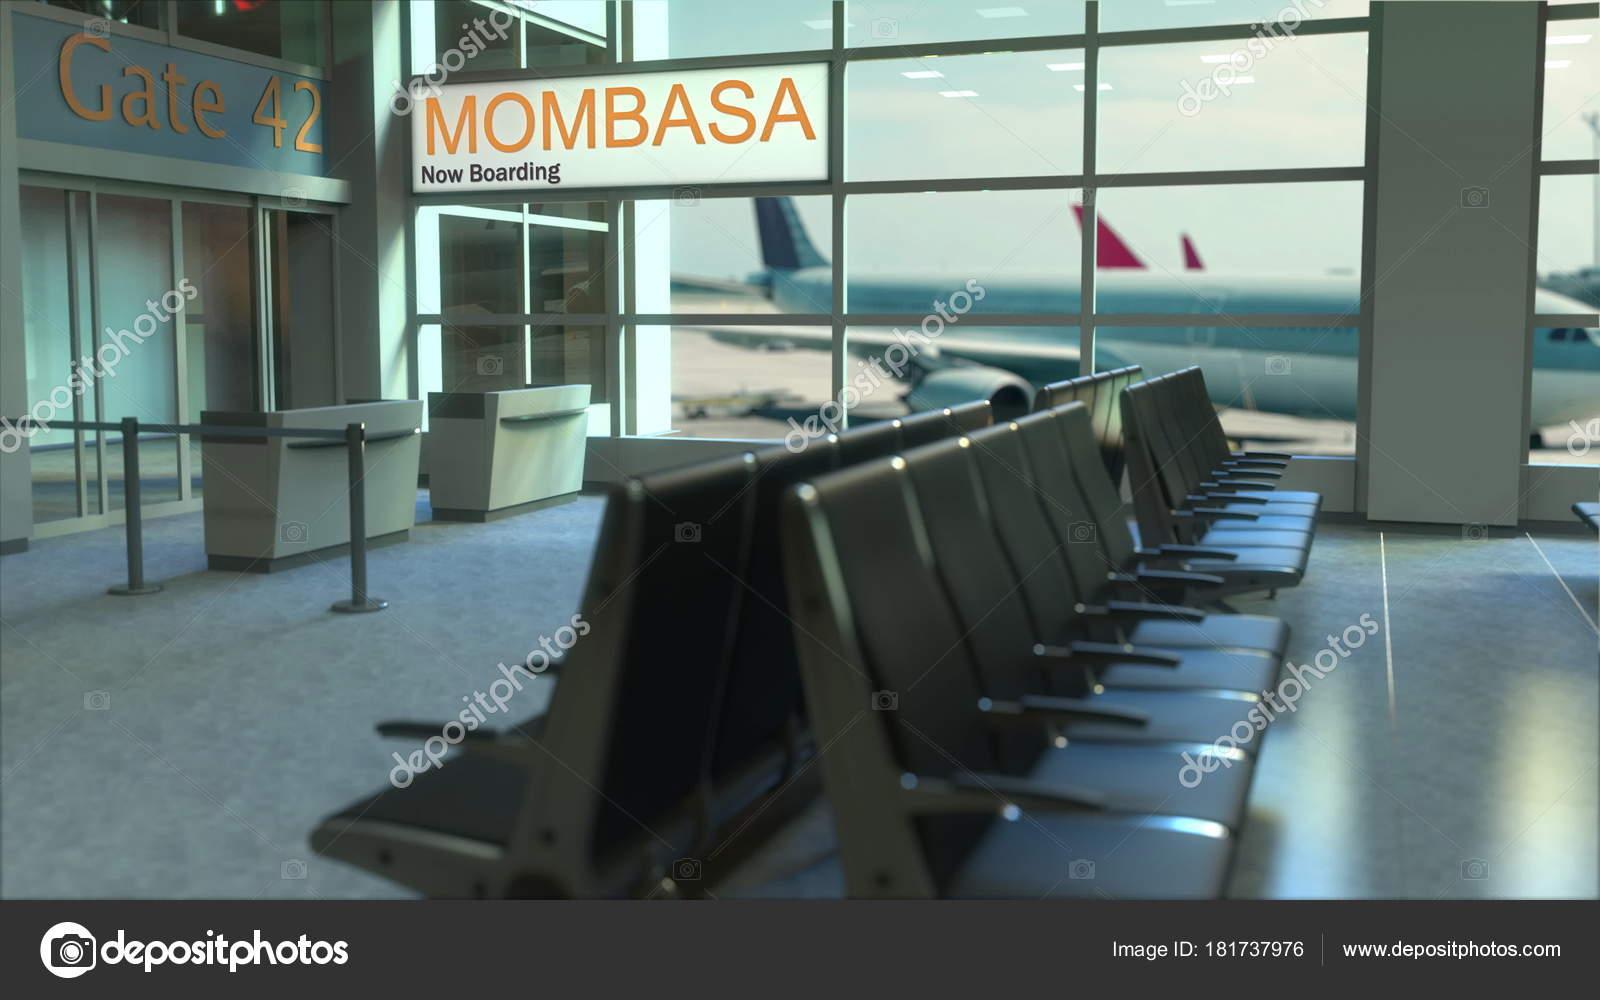 Aeroporto Kenya : Volo mombasa imbarco ora nel terminal dellaeroporto. viaggiare in